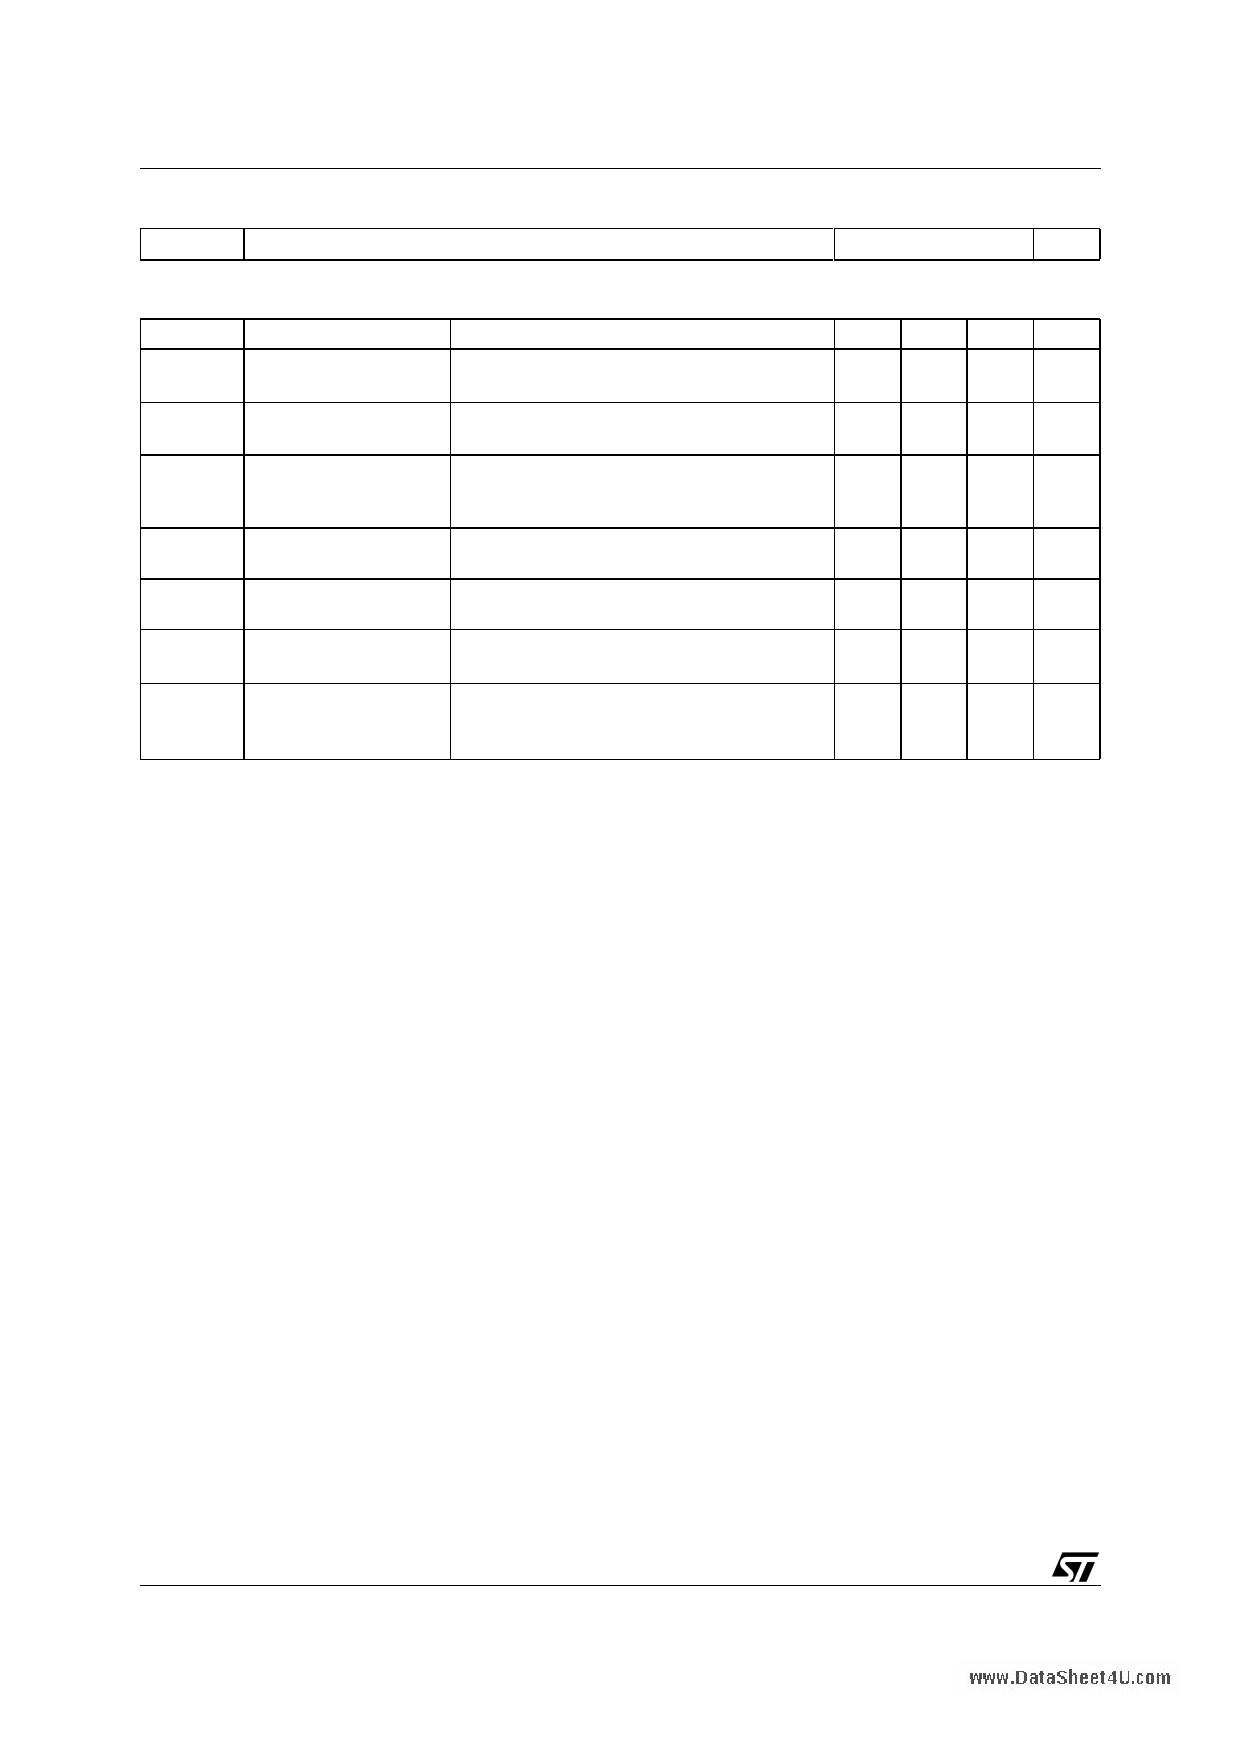 2001FX pdf pinout